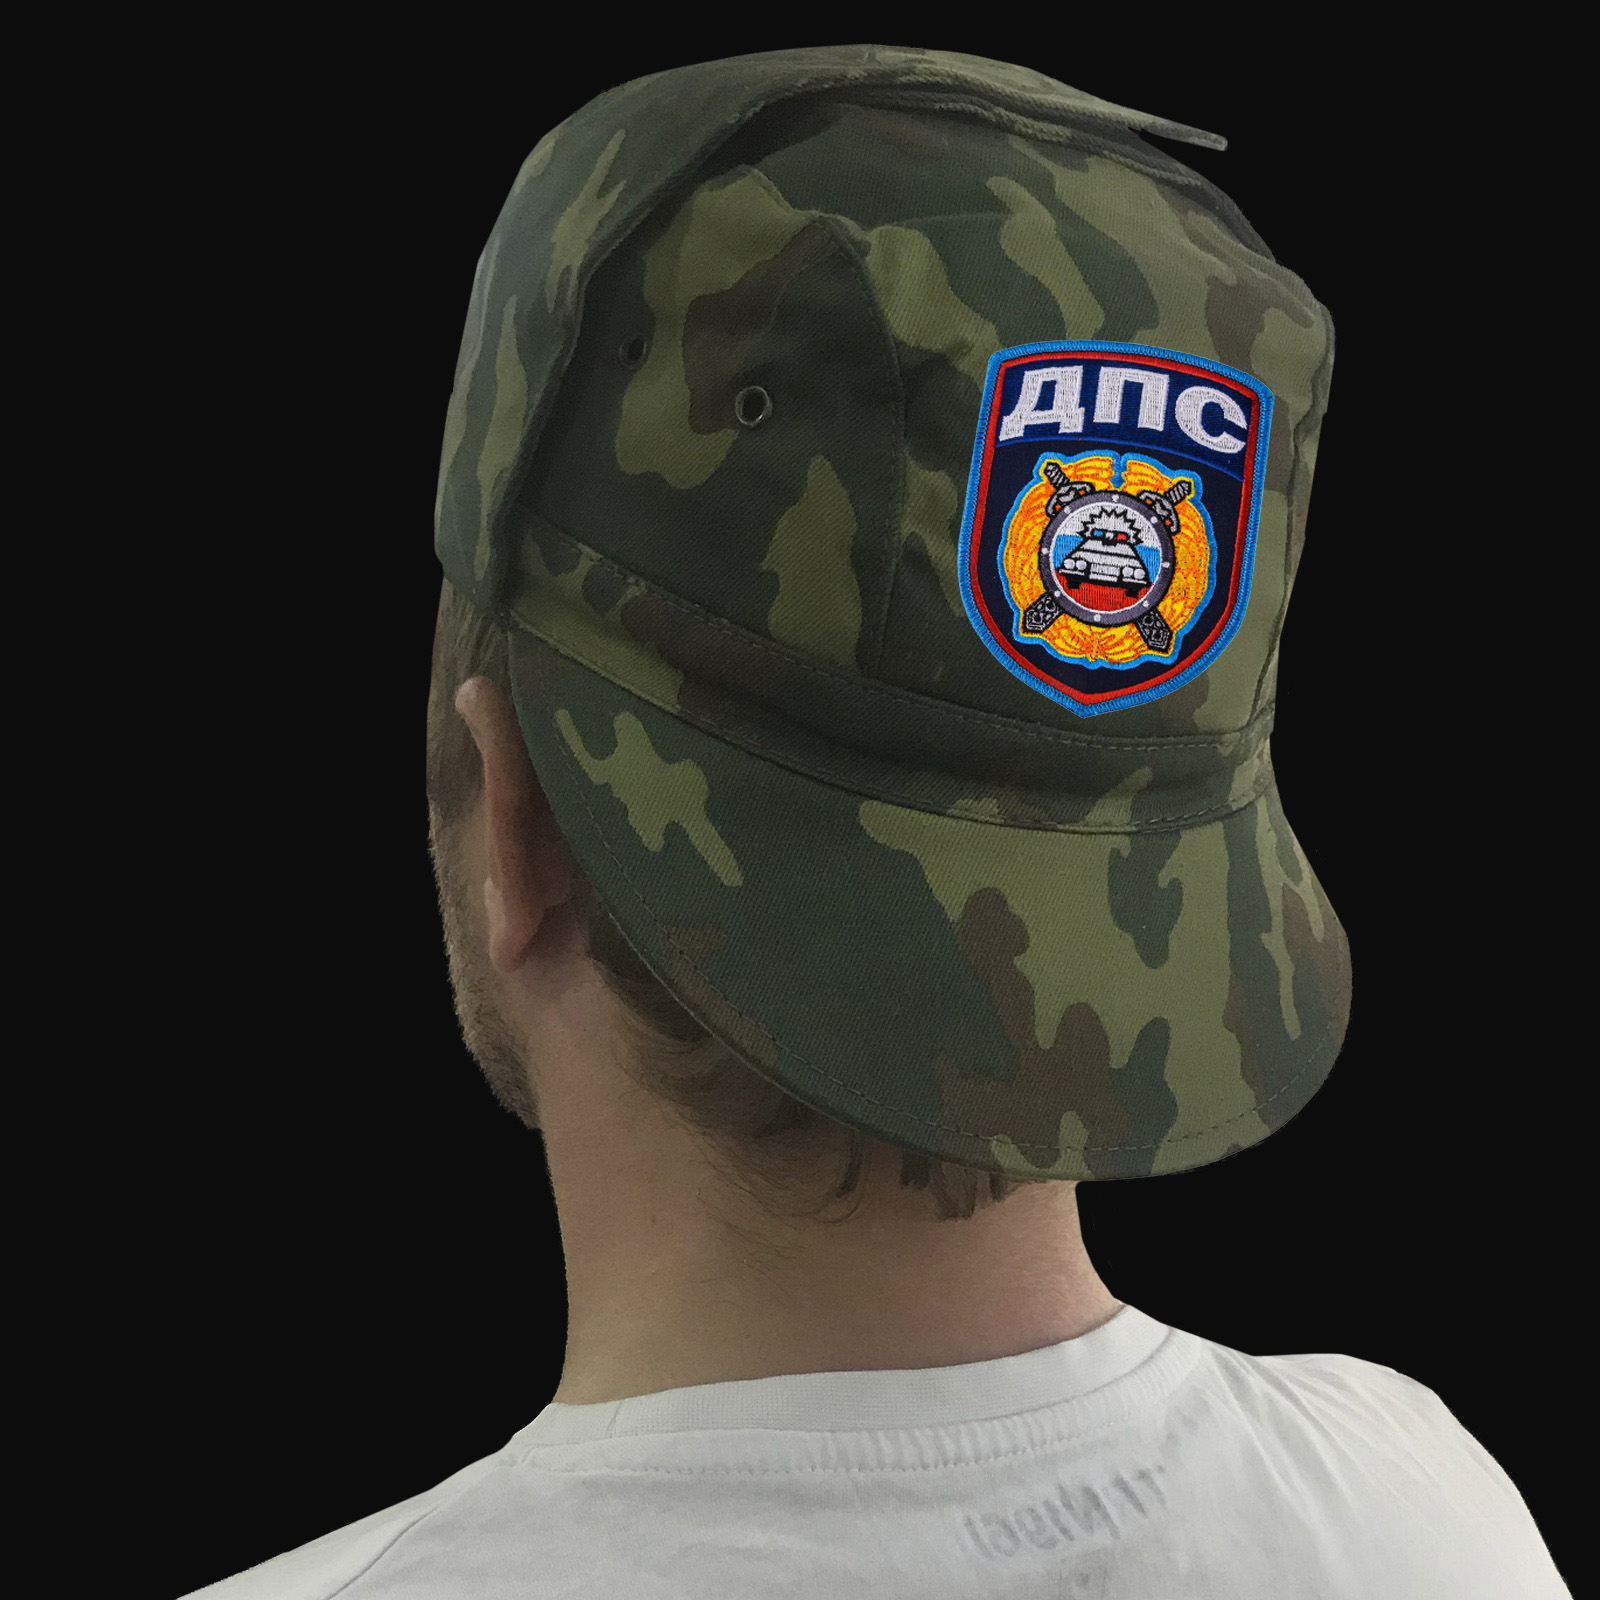 Мужская кепка с шевроном Дорожно-патрульной службы